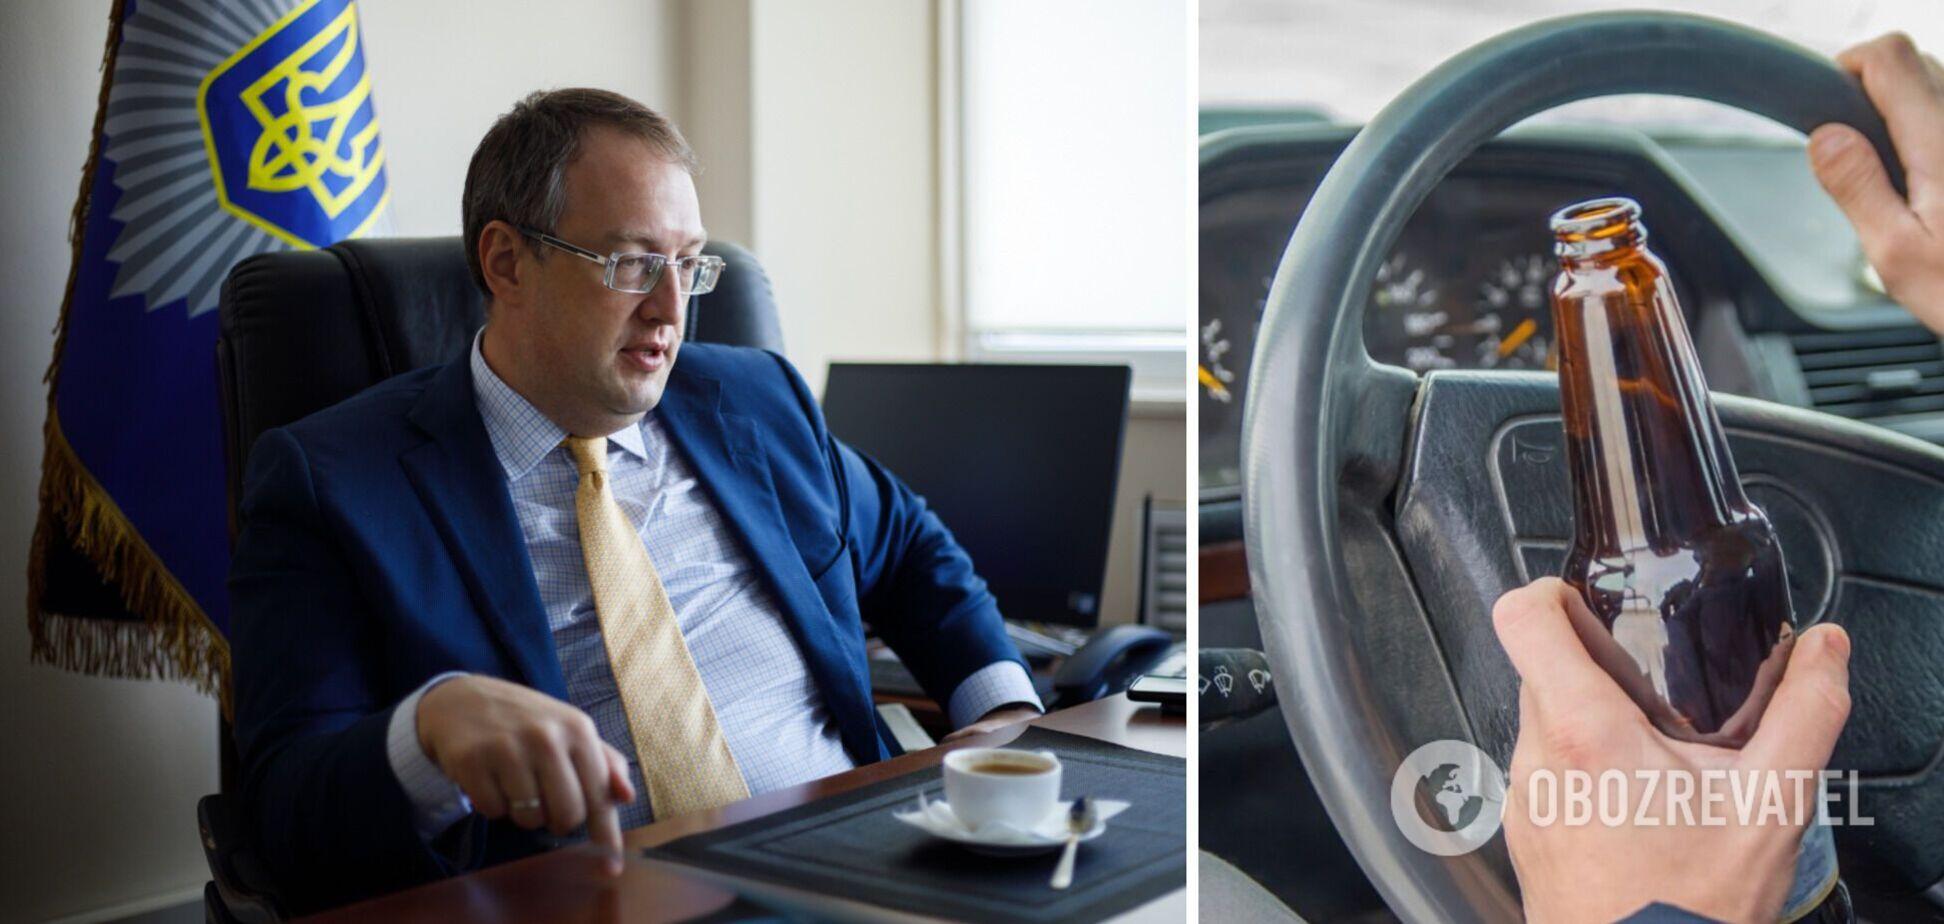 Геращенко – о новых штрафах за пьяное вождение: мы закрываем 90% дыр в законодательстве